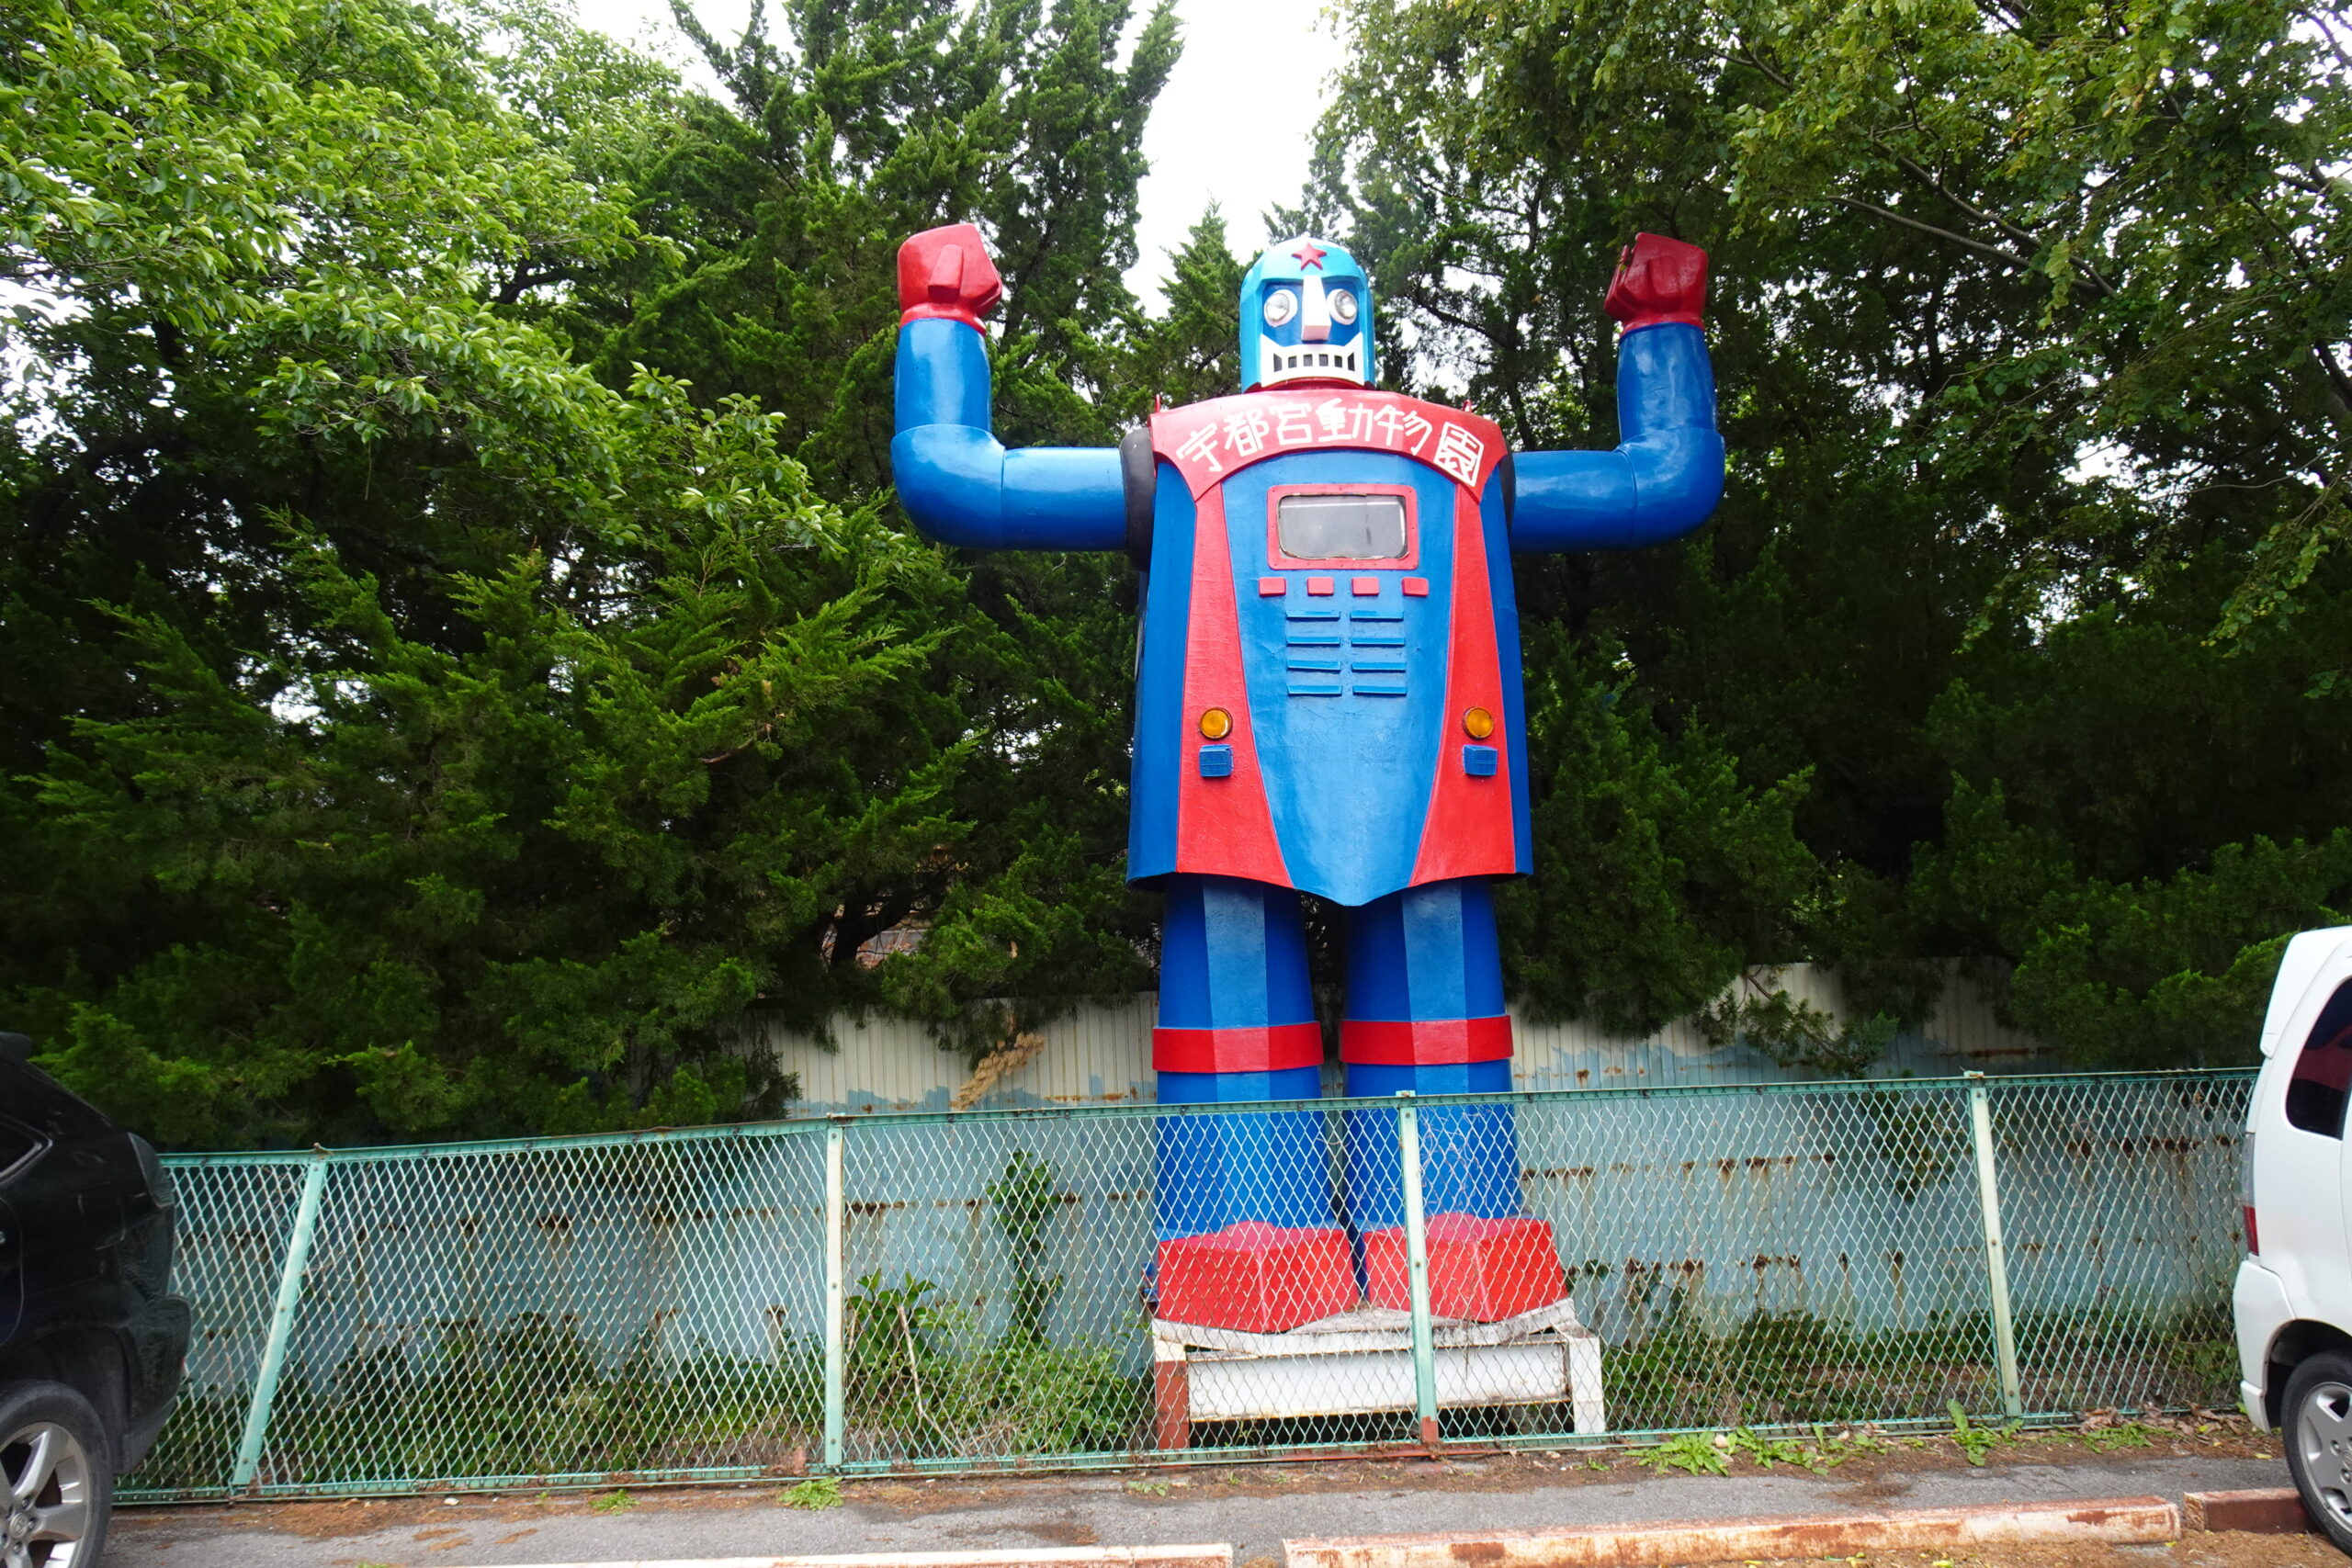 宇都宮動物園の駐車場にあるモニュメント